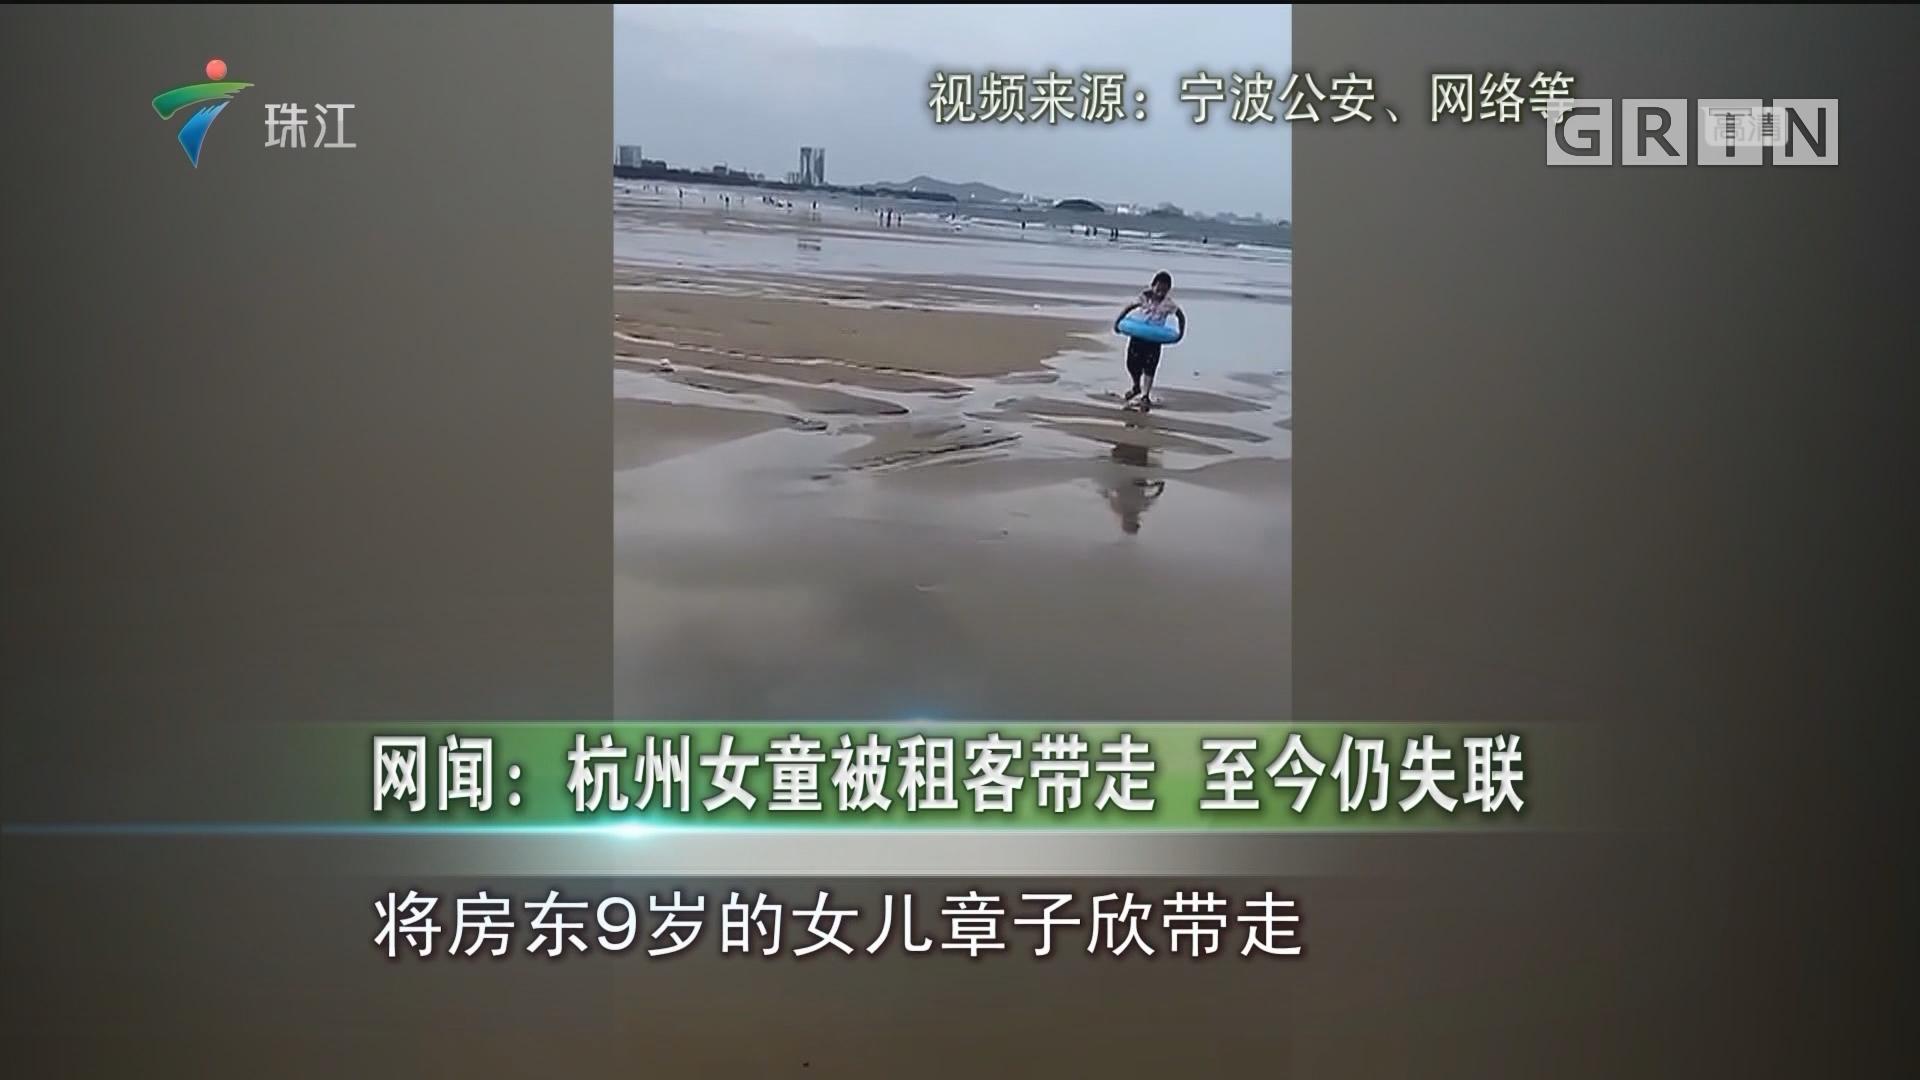 网闻:杭州女童被租客带走 至今仍失联